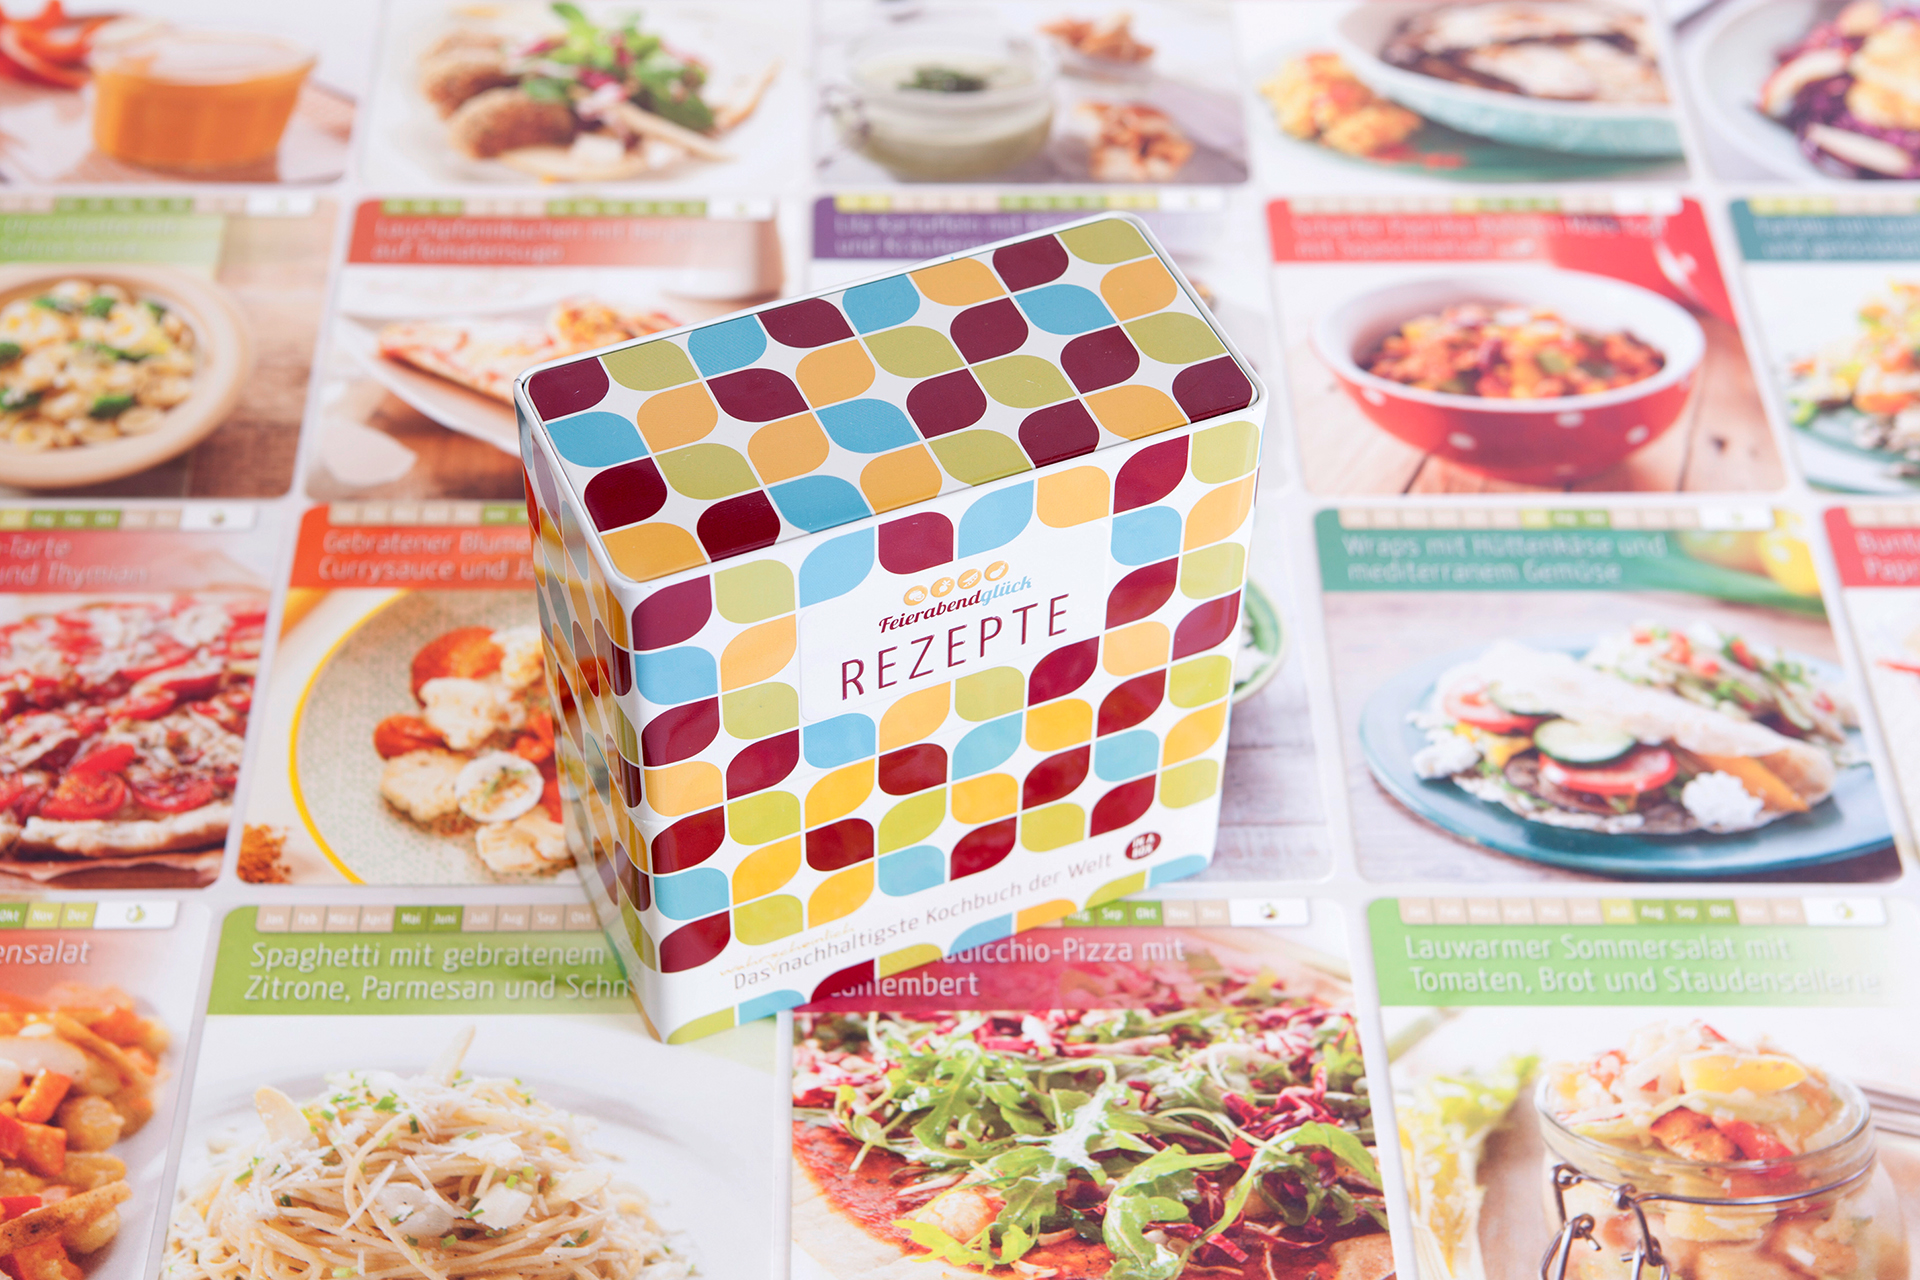 Nach dem Kochspaß sind die Rezeptkarten schnell wieder in der hübschen Box verstaut